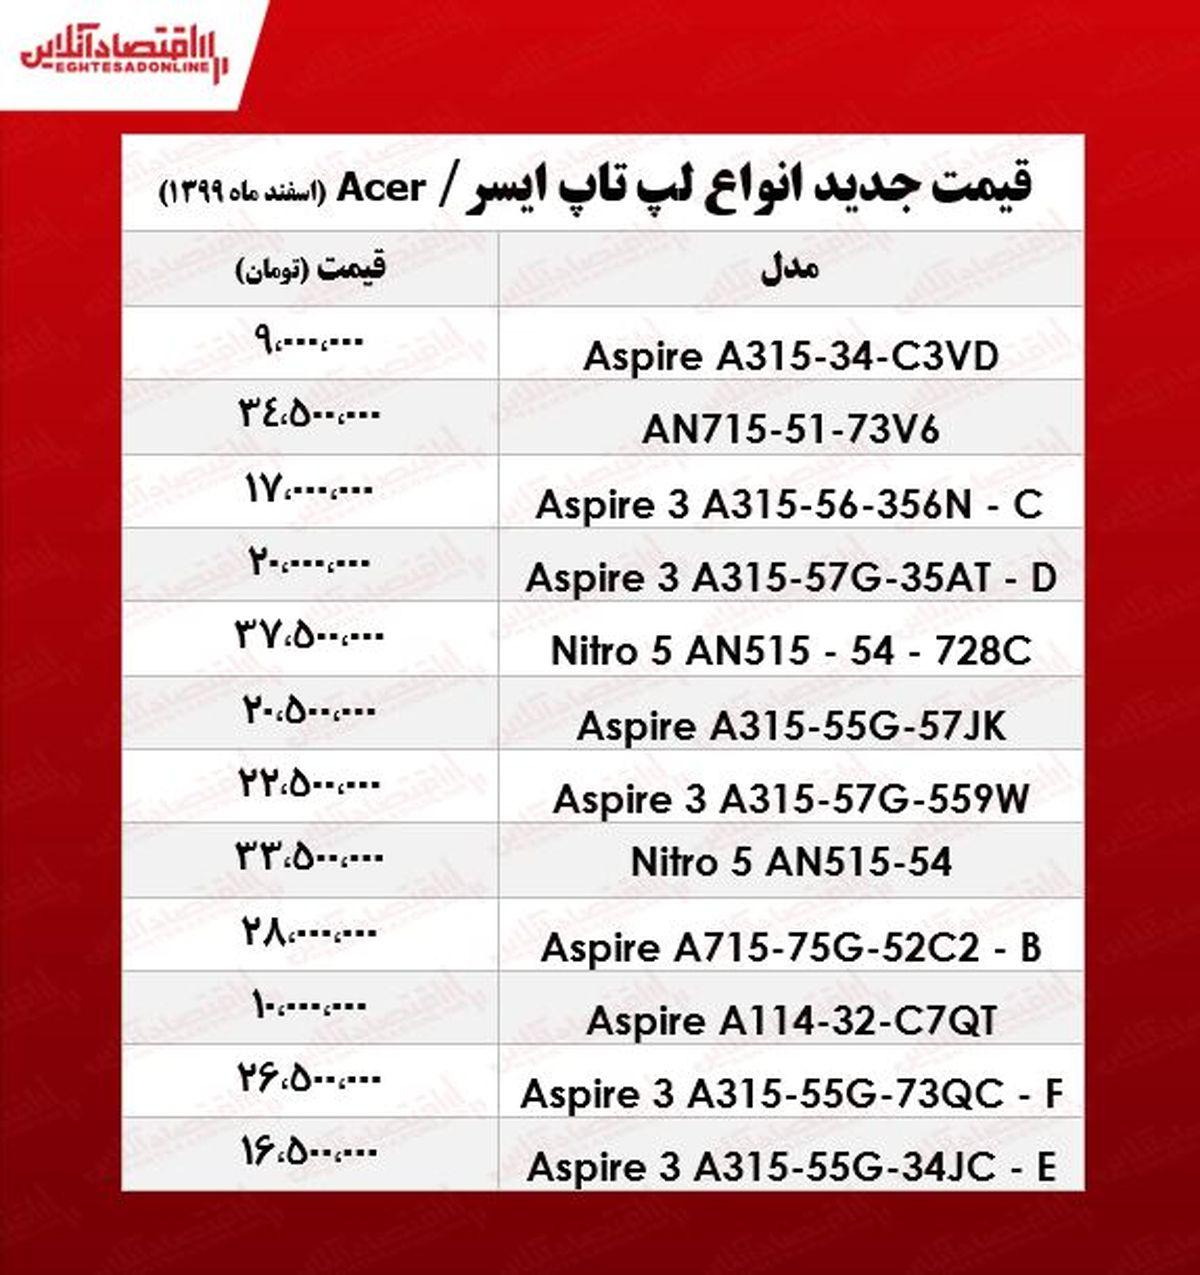 قیمت روز لپ تاپ ایسر/ ۱۳اسفند۹۹